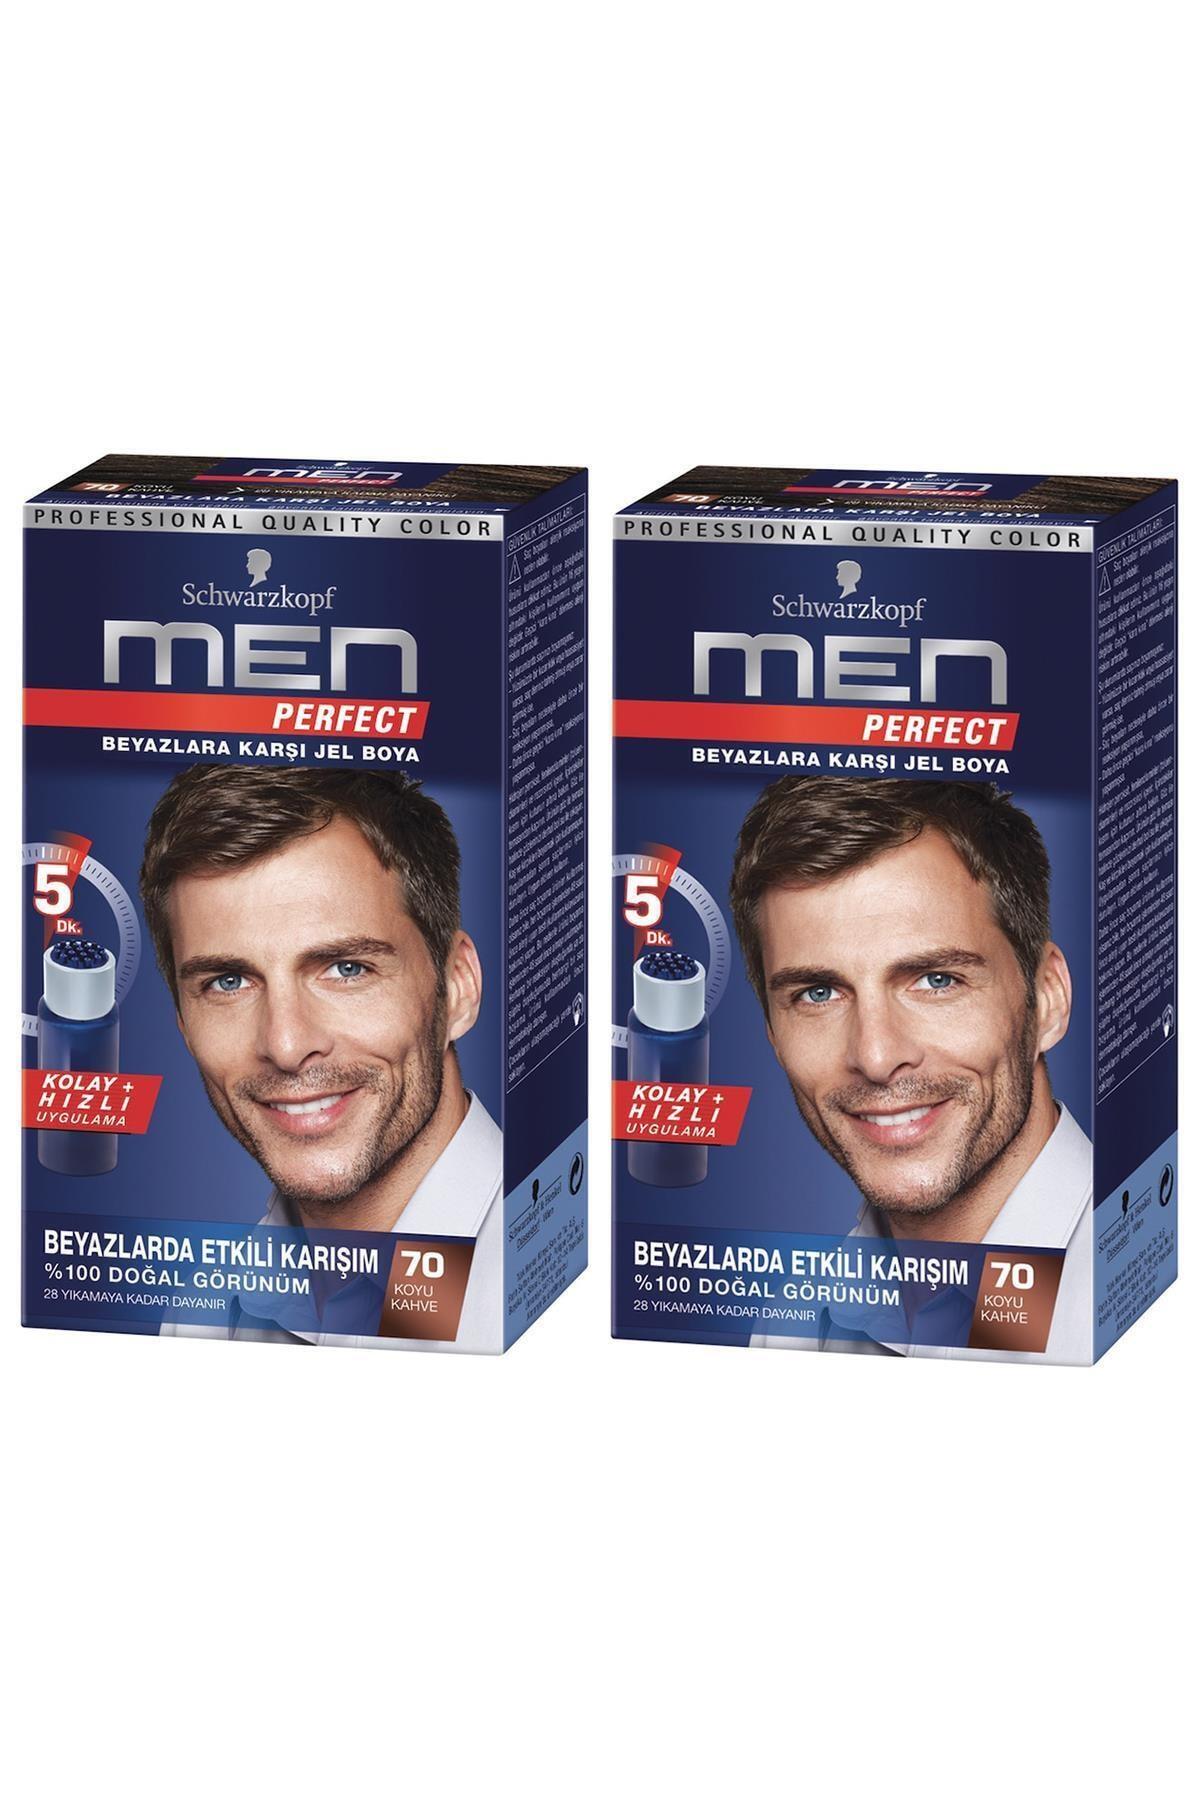 SCHWARZKOPF HAIR MASCARA Perfect Men 70 Koyu Kahve Saç Boyası X 2 Adet 1